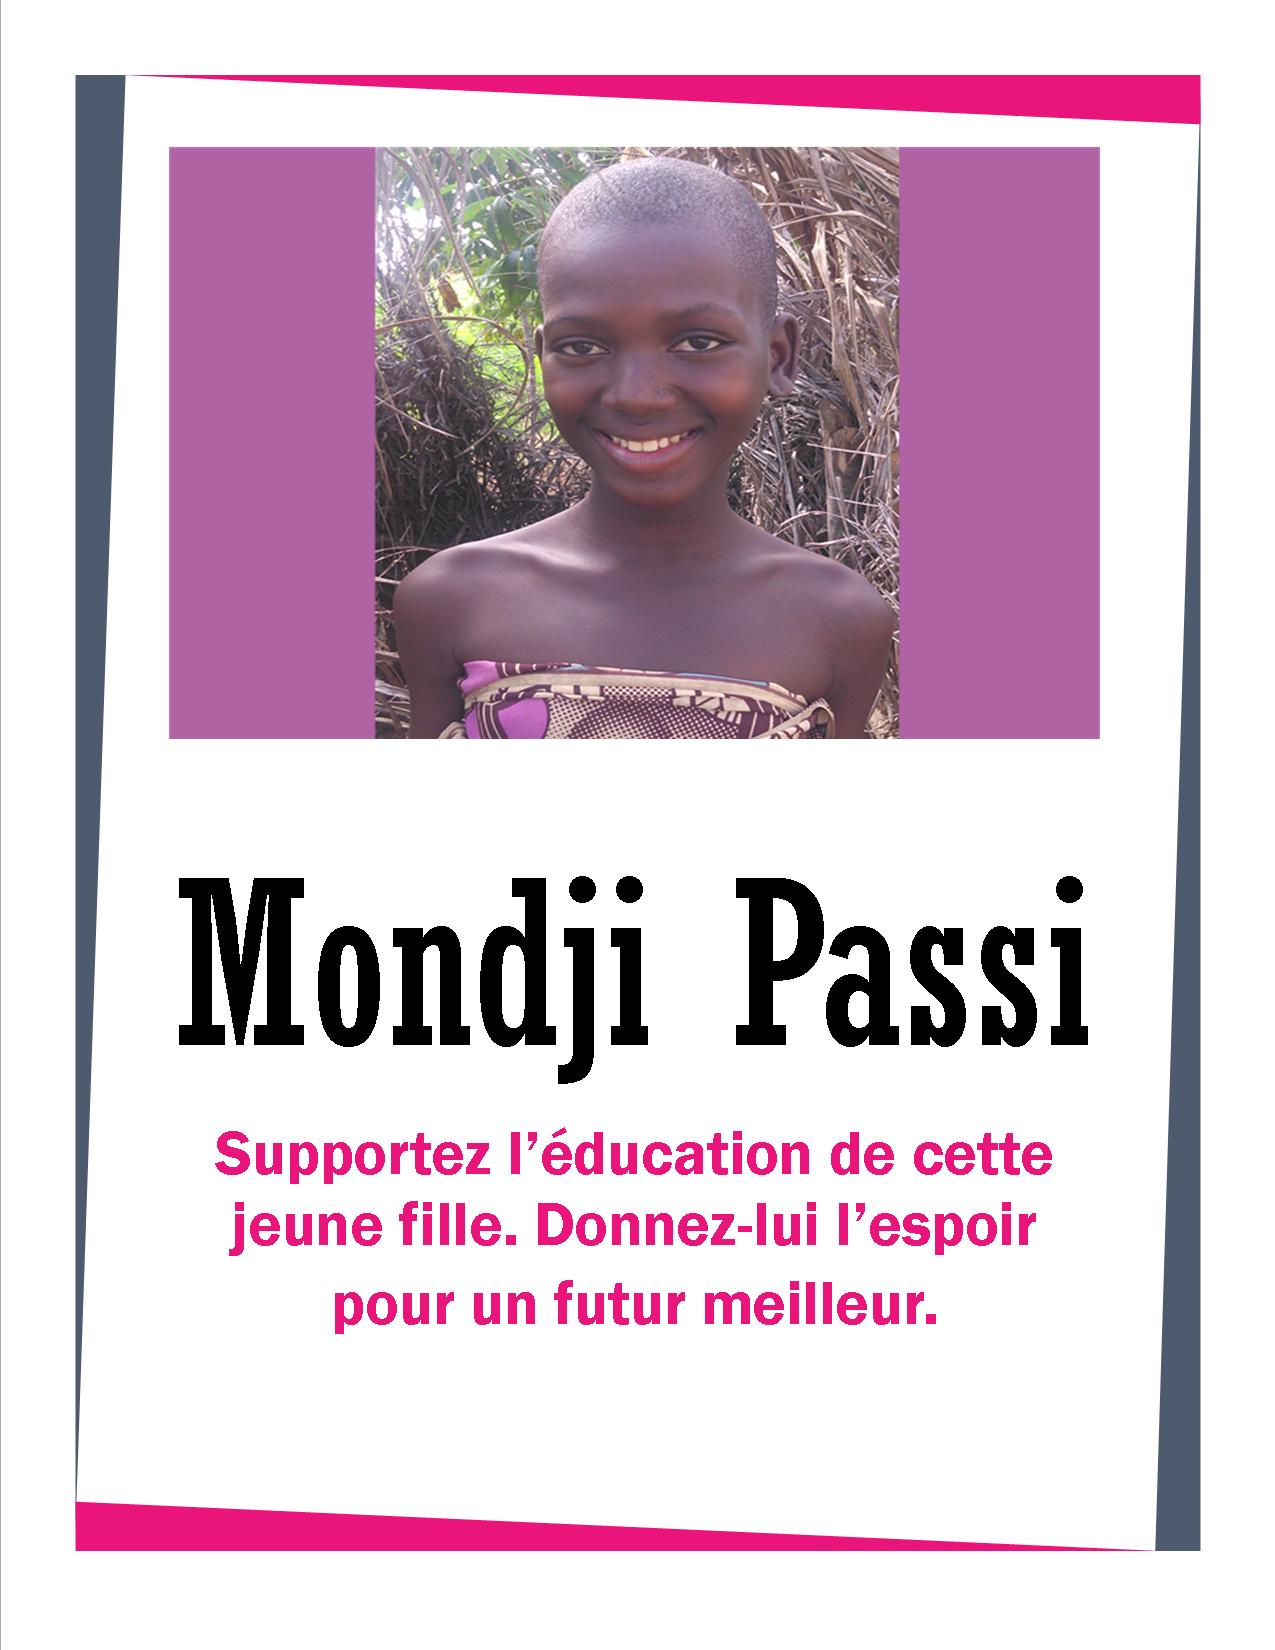 Rencontrez Mondji Passi - Aider pour son éducation